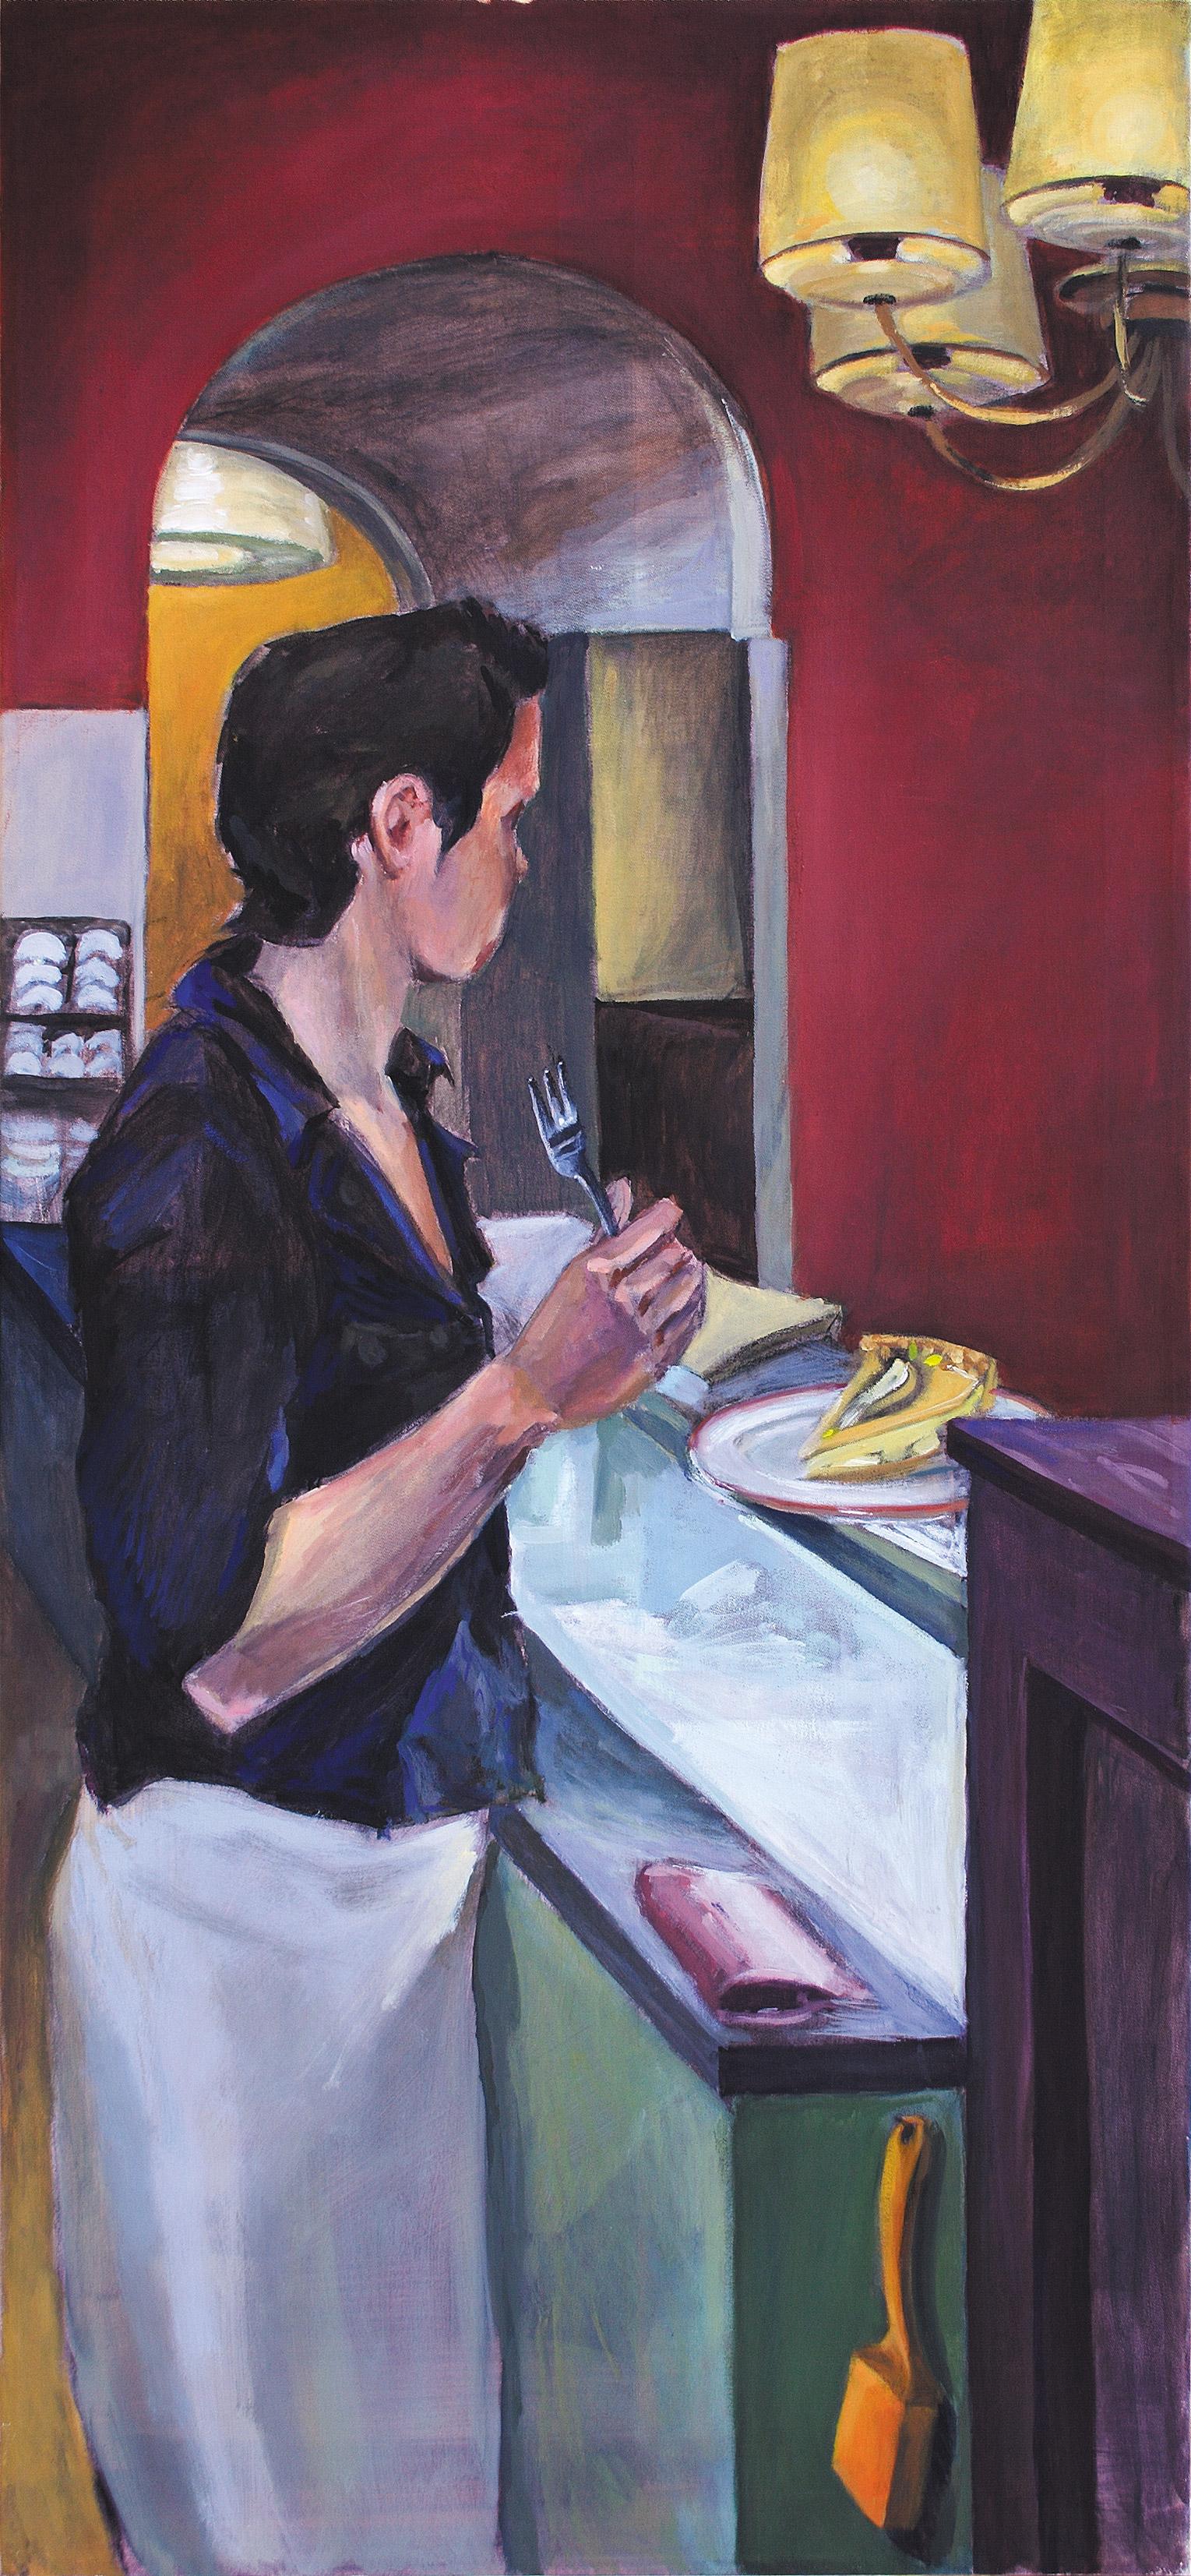 Gila | Acryl und Öl auf Leinwand  (Acrylic and Oil on Canvas)